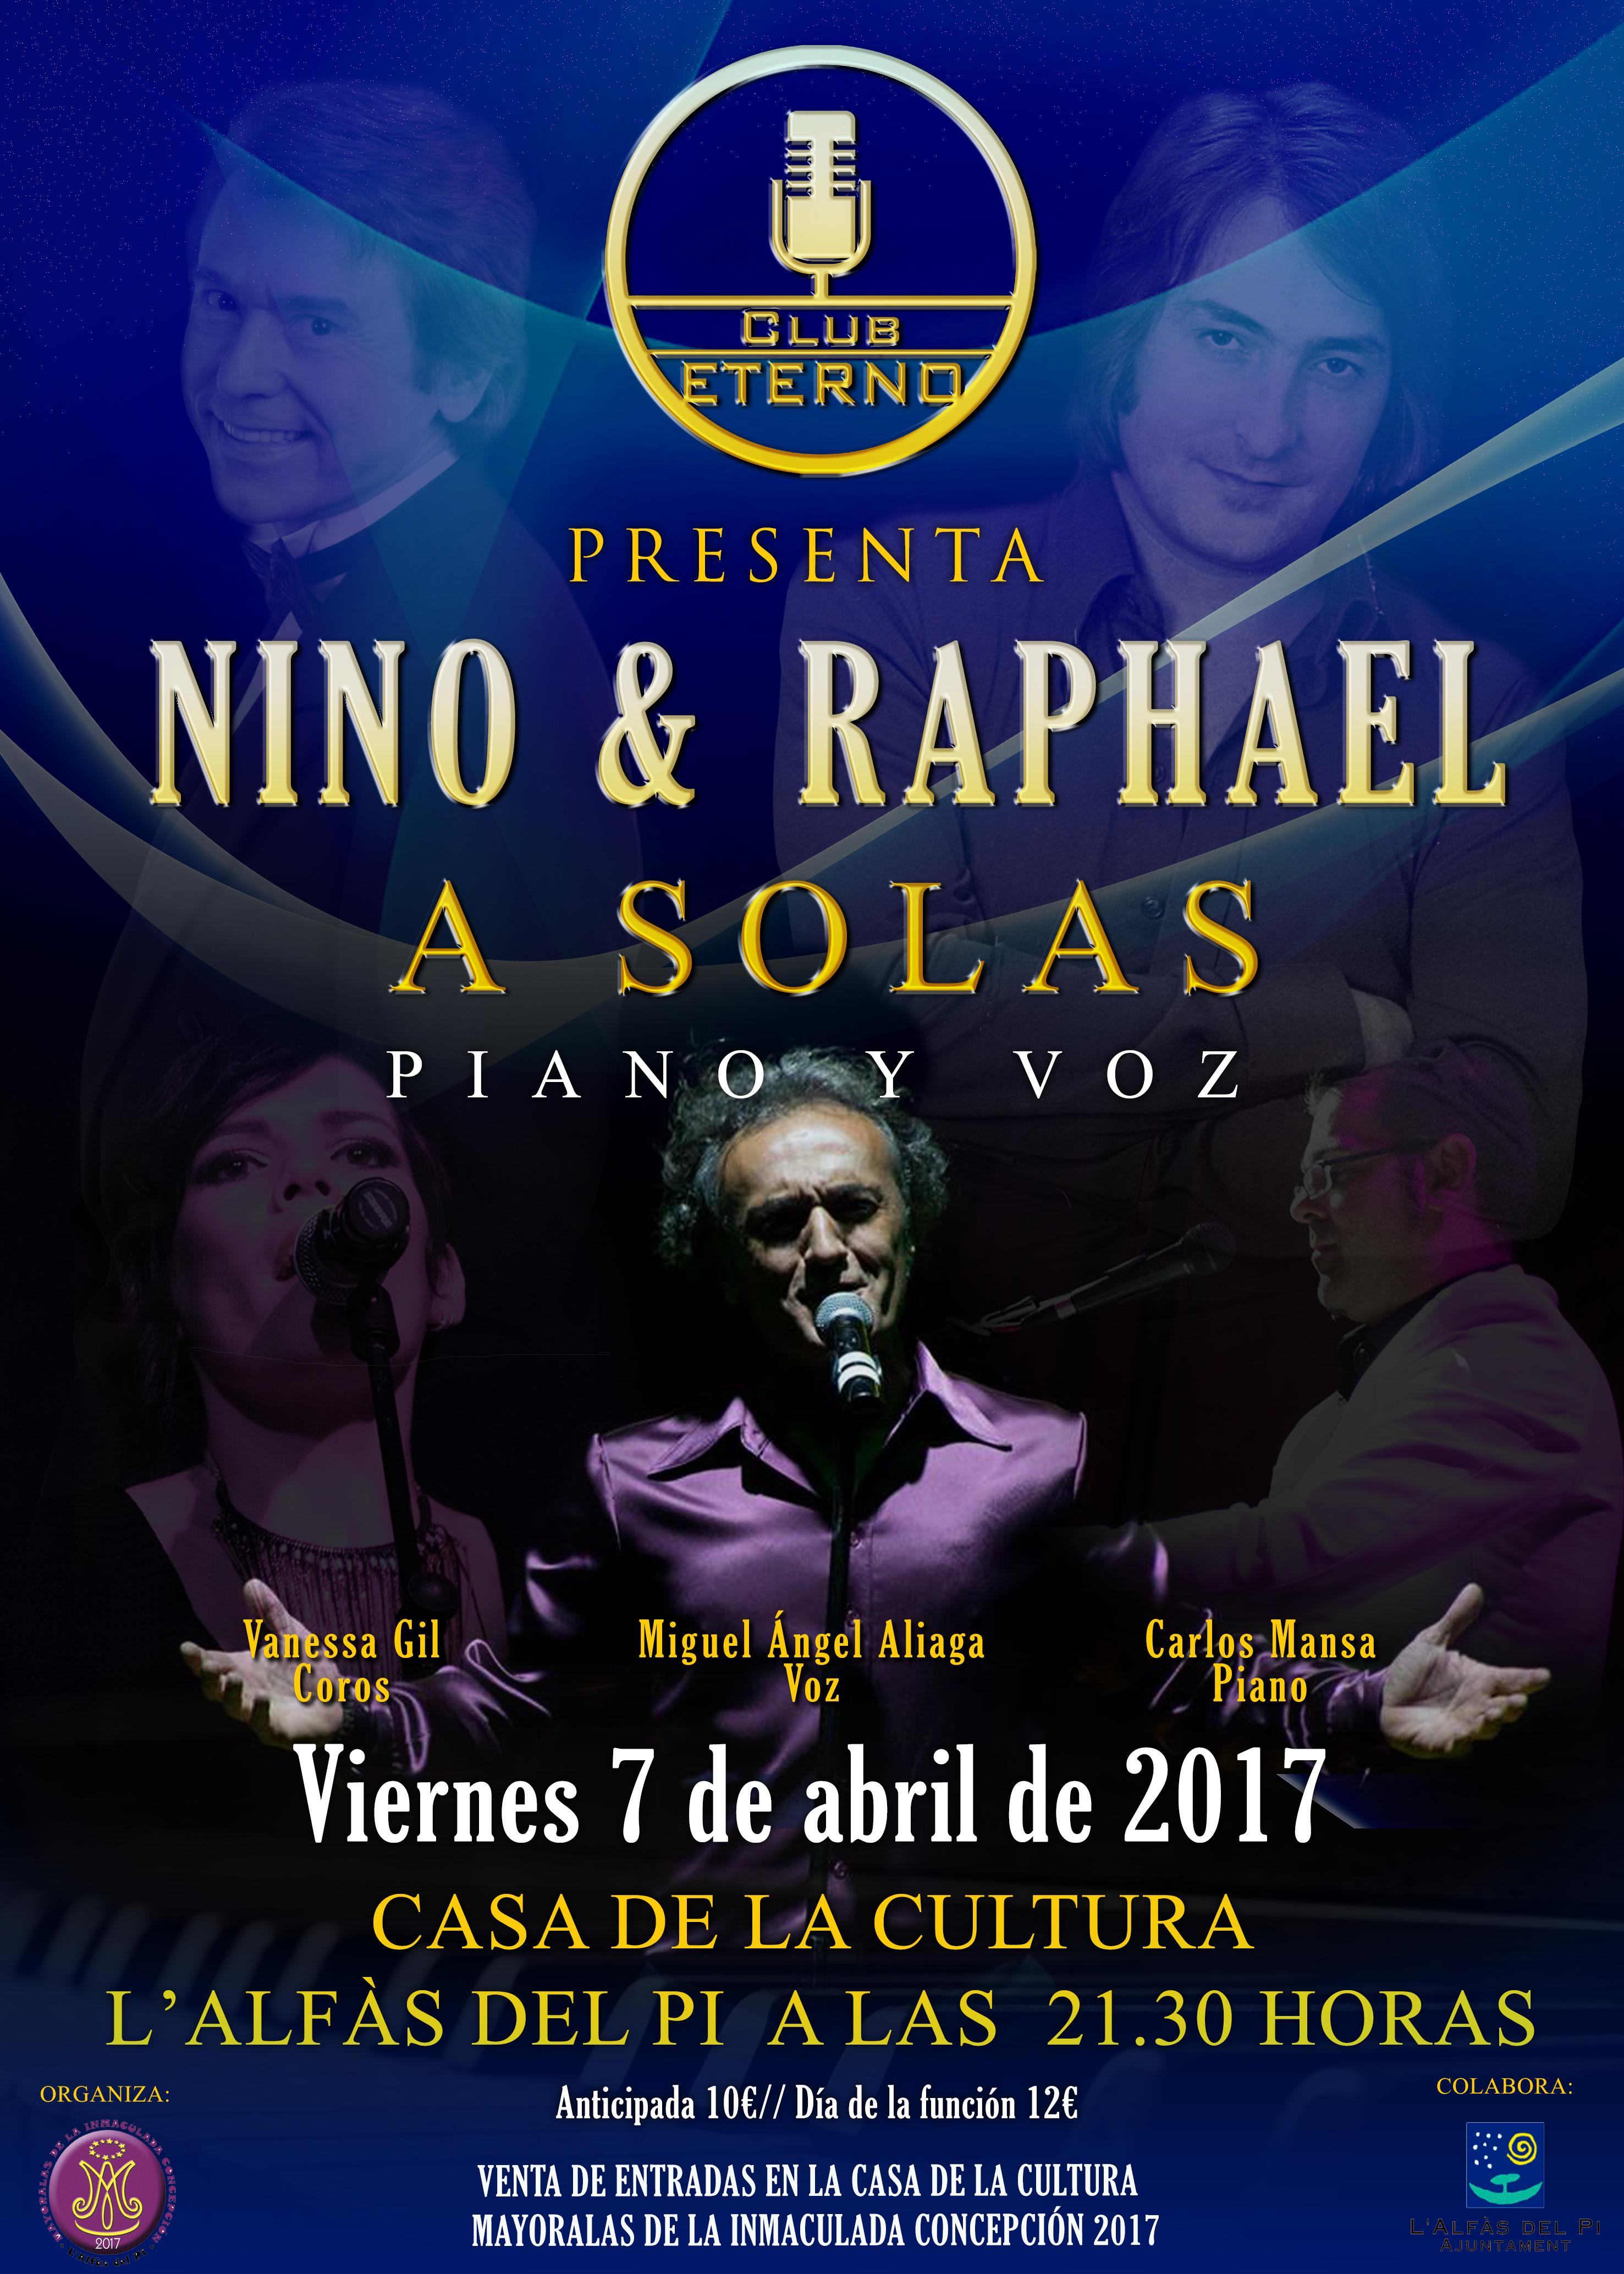 Las mayoralas de la Purísima organizan un concierto tributo a Nino Bravo y Rafael